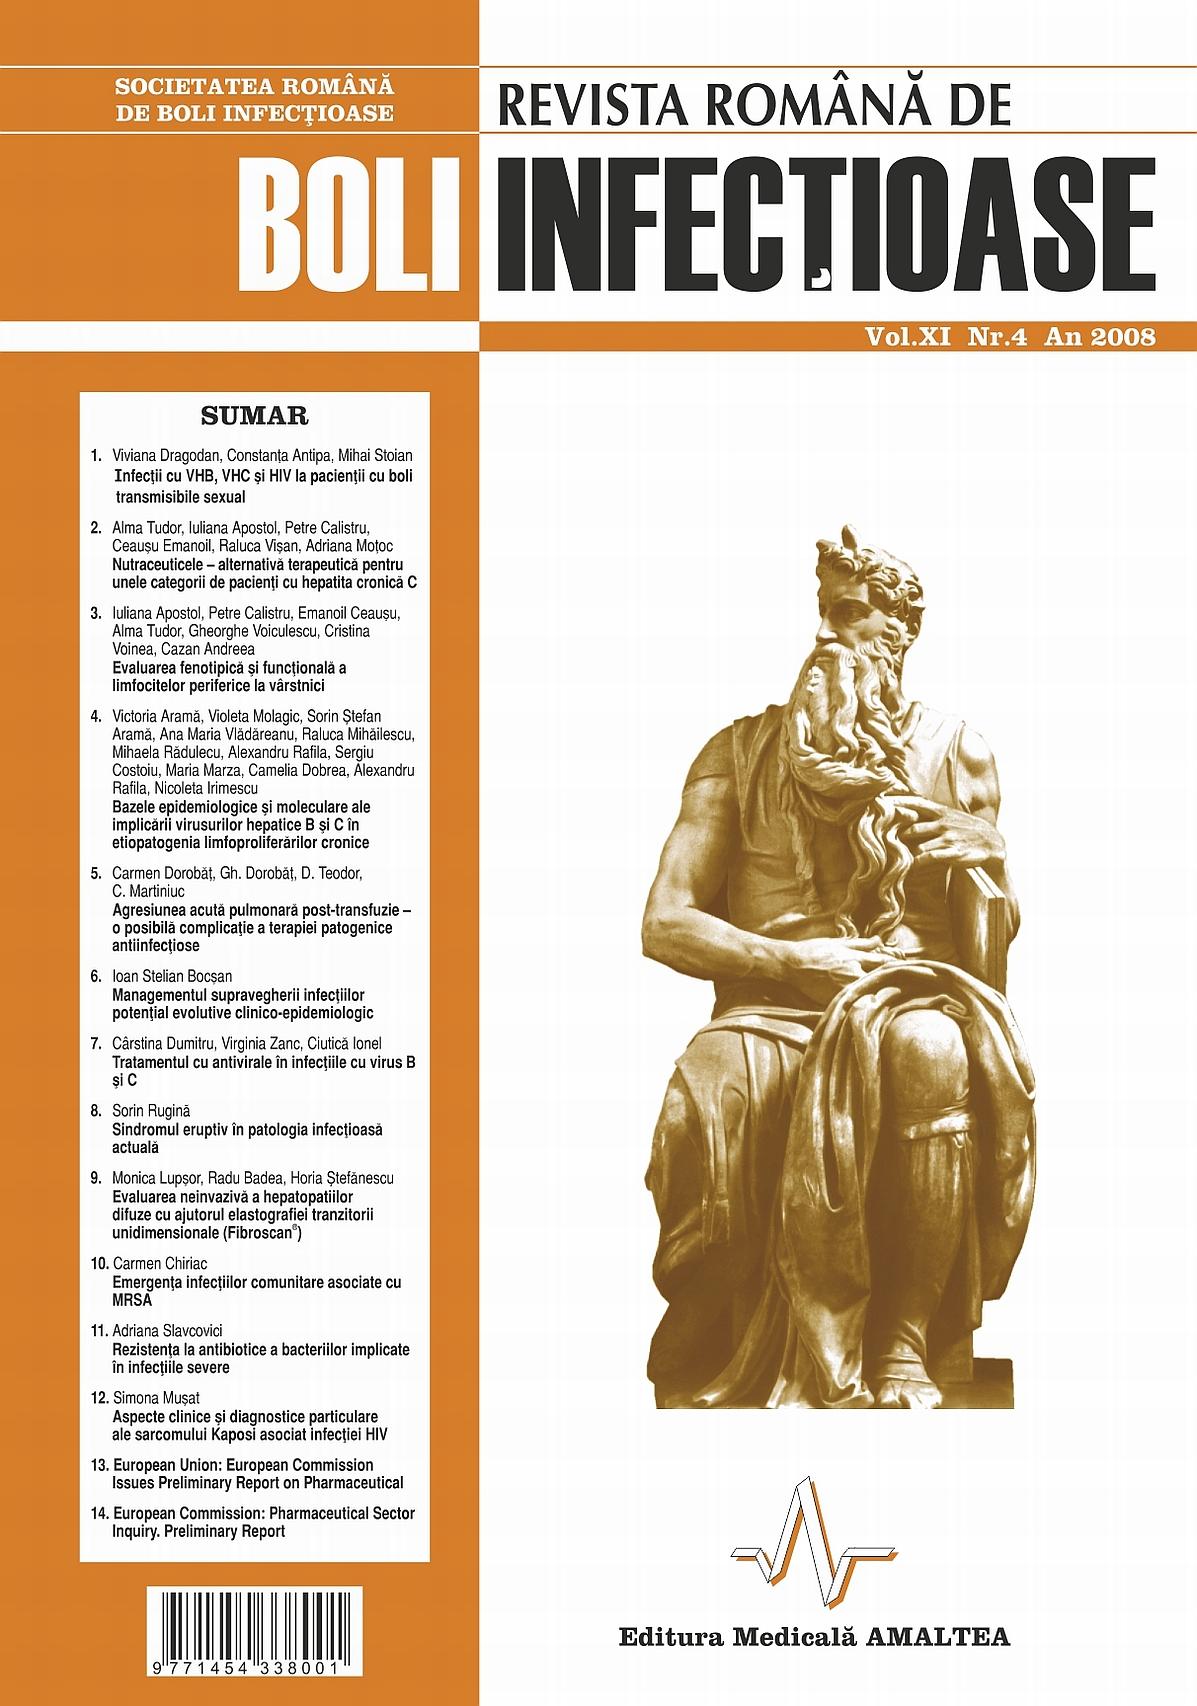 Revista Romana de Boli Infectioase | Vol. XI, No. 4, 2008